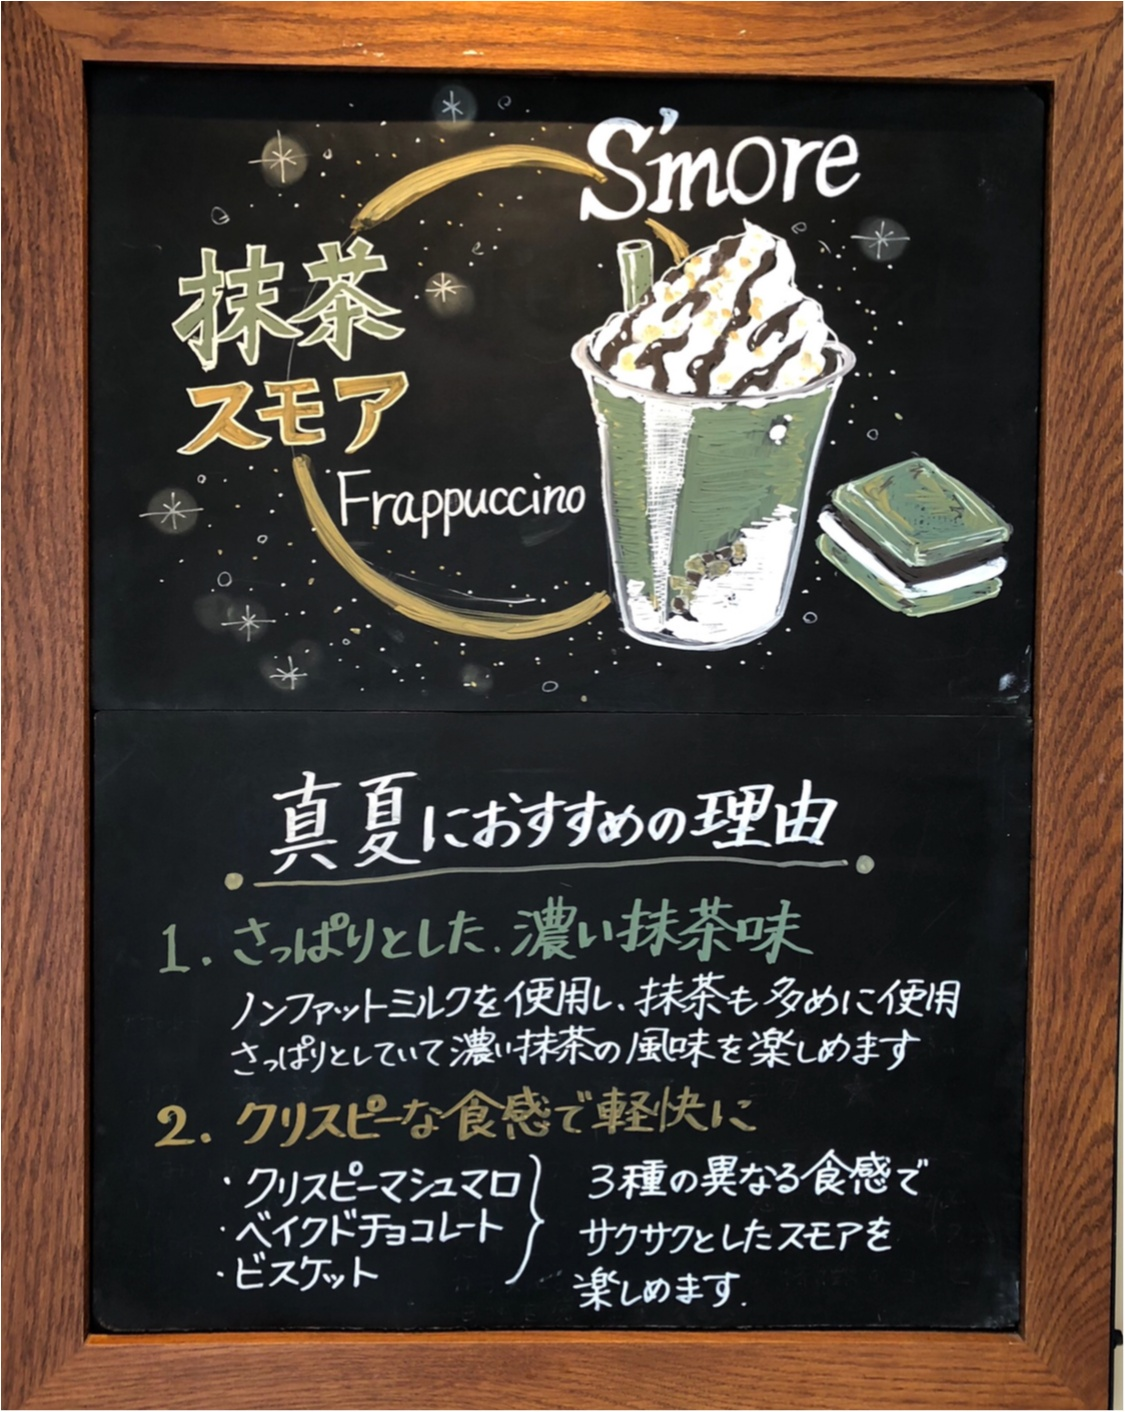 【スタバ】新作《抹茶スモアフラペチーノ》が夏にぴったりの美味しさな理由って❤️?_4